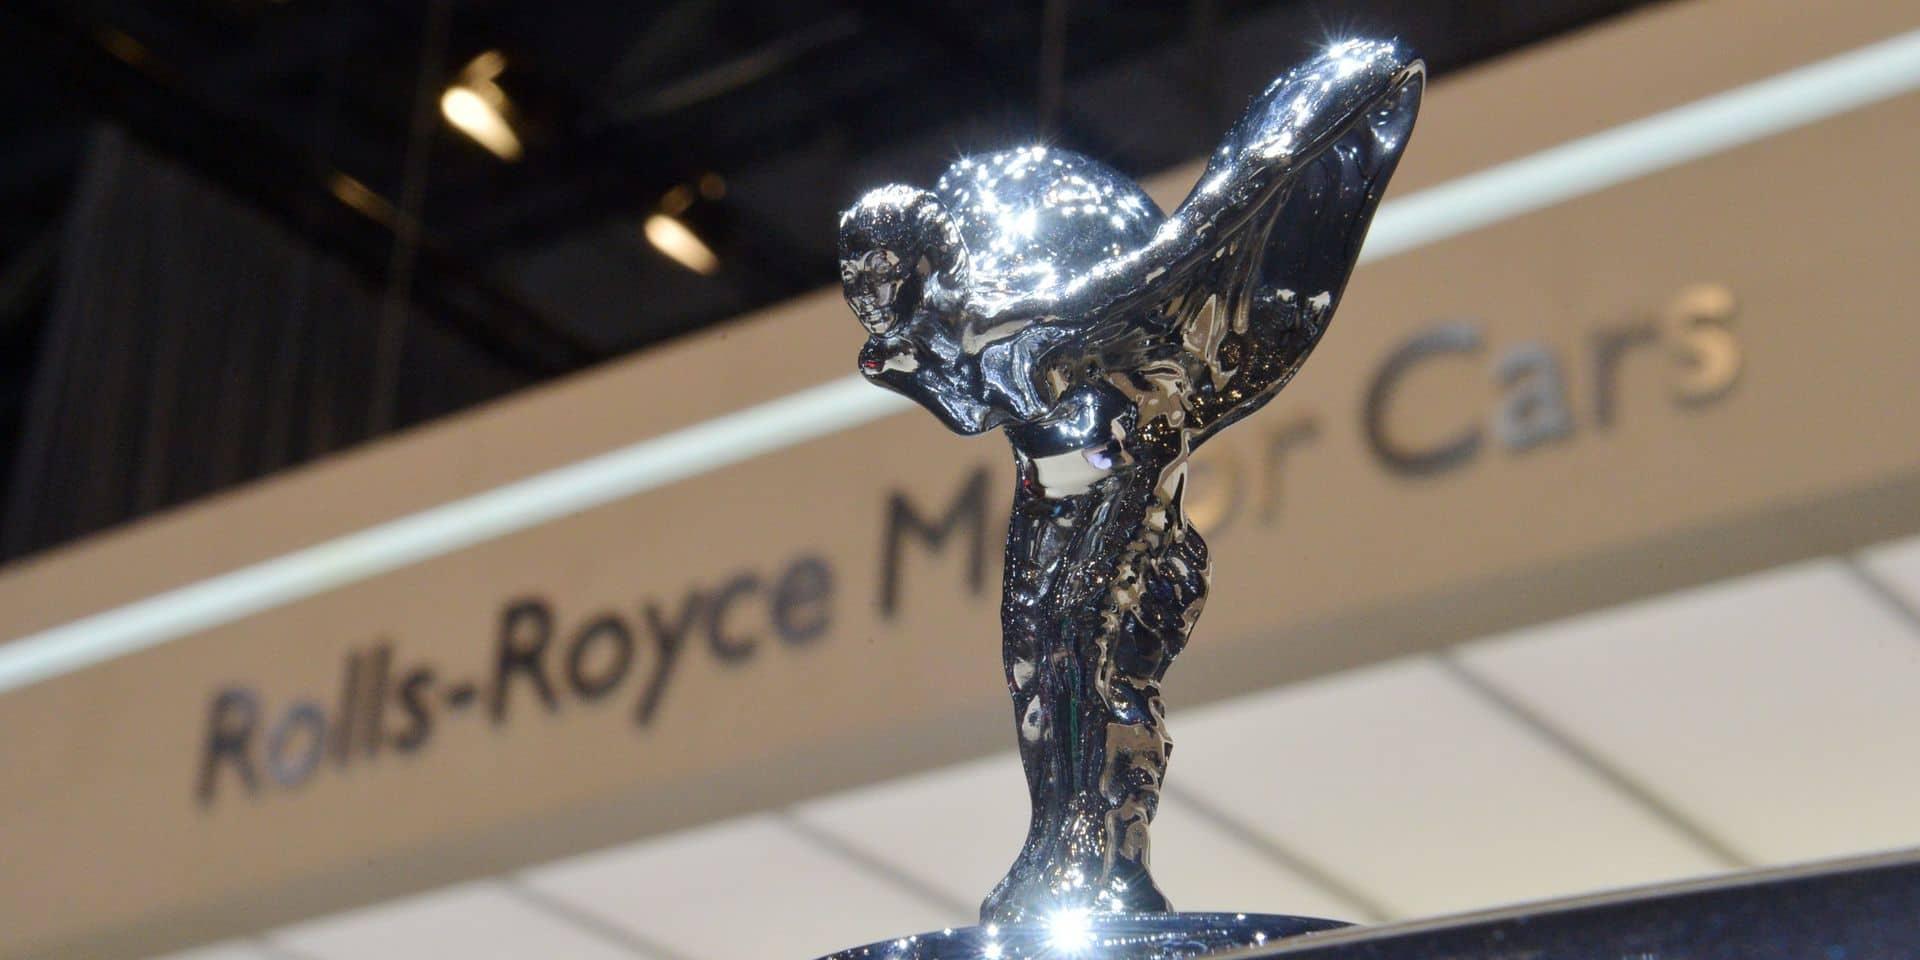 Rolls-Royce devra payer 1,4 milliard pour ses moteurs défectueux